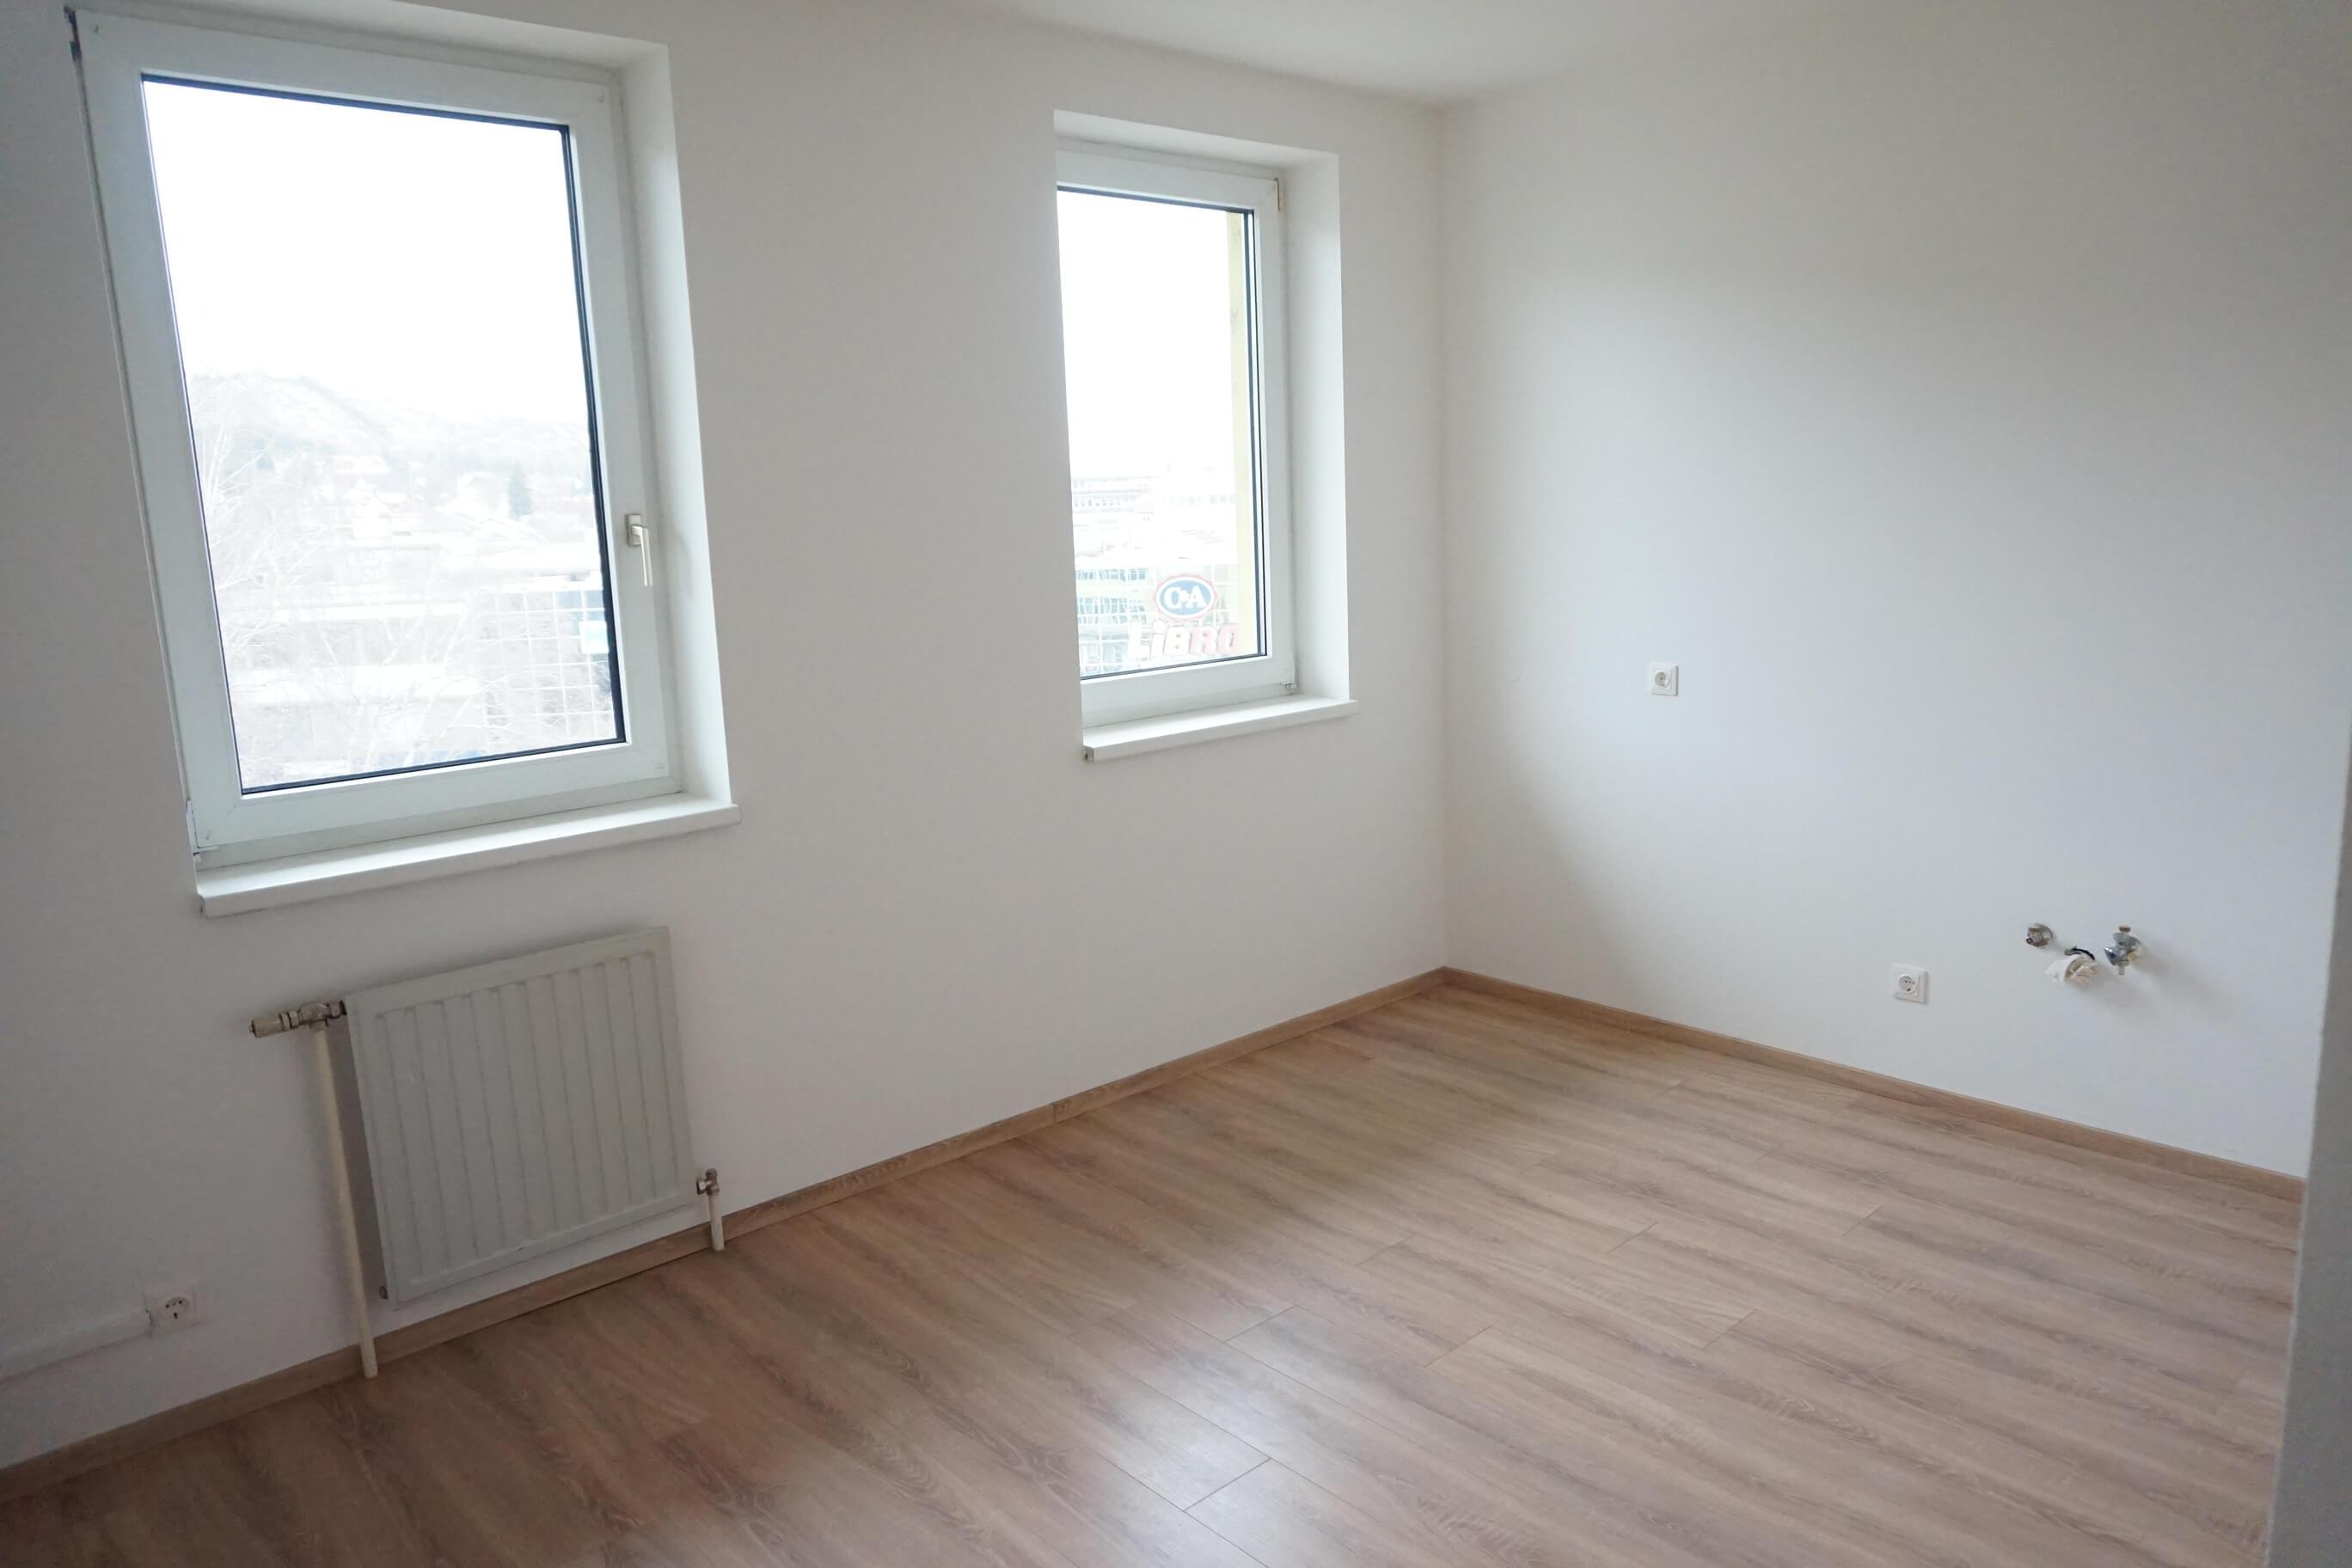 Kapfenberg:  2-Zimmer-Mietwohnung, zentral gelegen